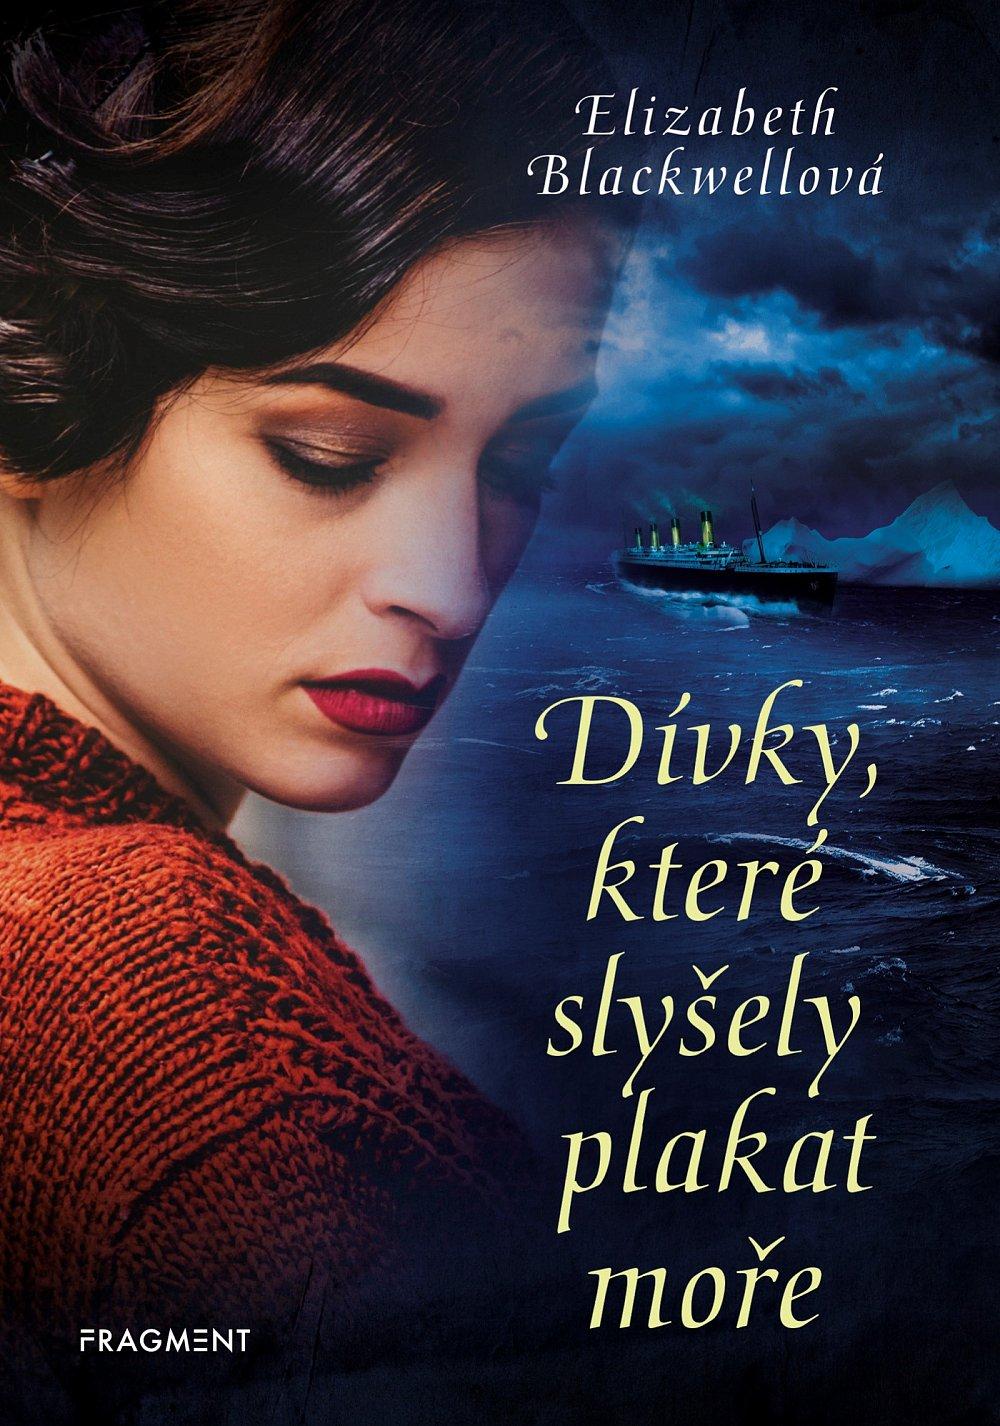 Soutěž o román Dívky, které slyšely plakat moře